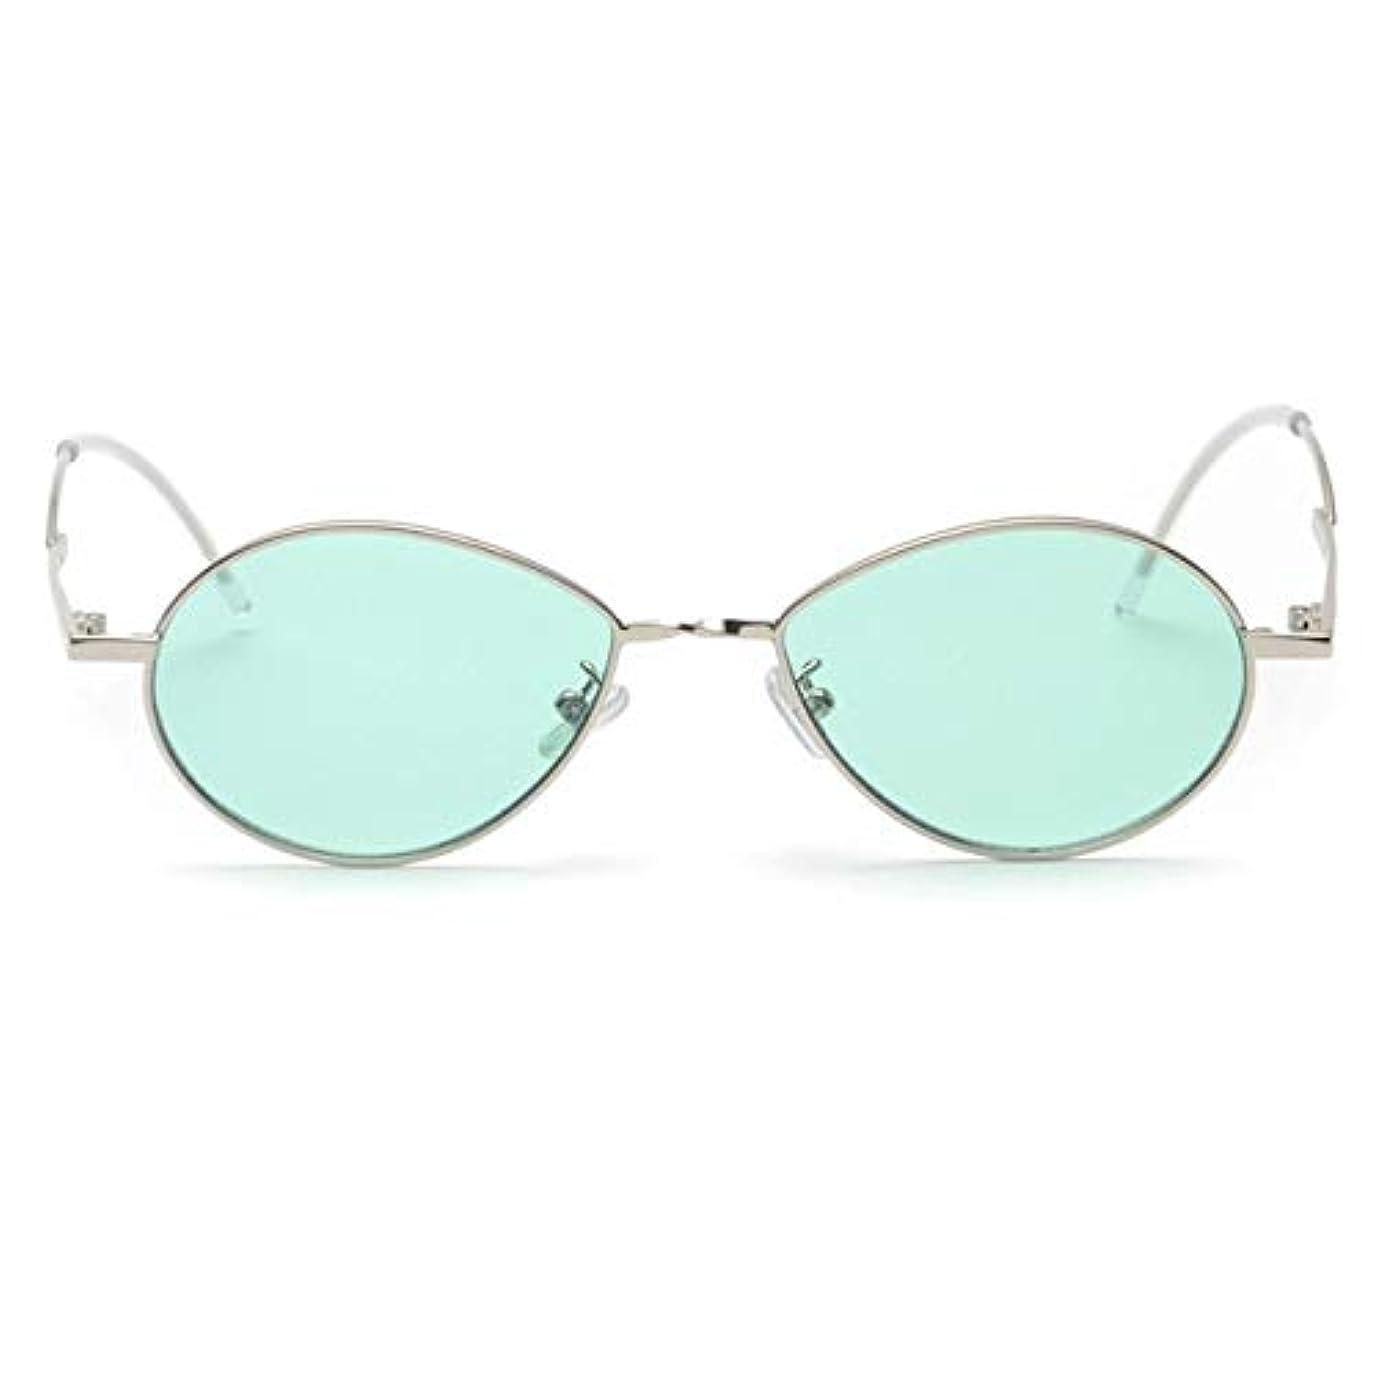 飼いならすシーン曲がったRalias - 女性シェードUV400についてはラグジュアリーブランドのデザイナーラウンドサングラスの女性の メタルフレームメガネヴィンテージクリアレンズのメガネ